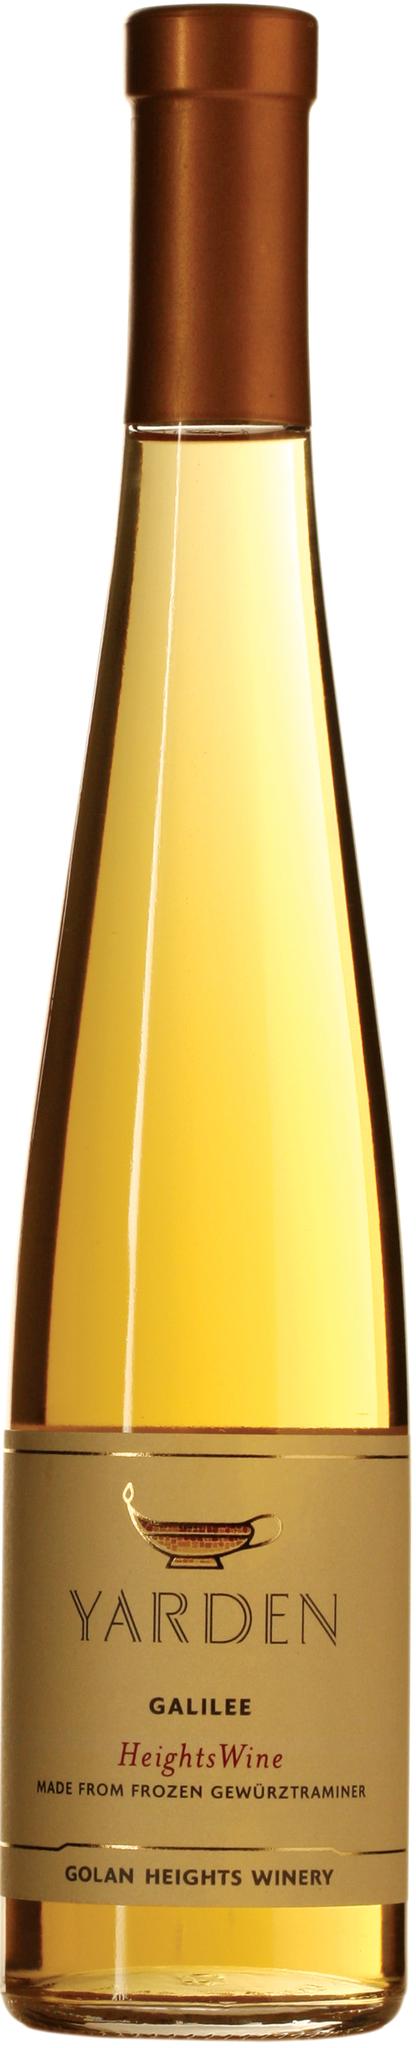 Yarden Heights Wine 2017 1/2 fl